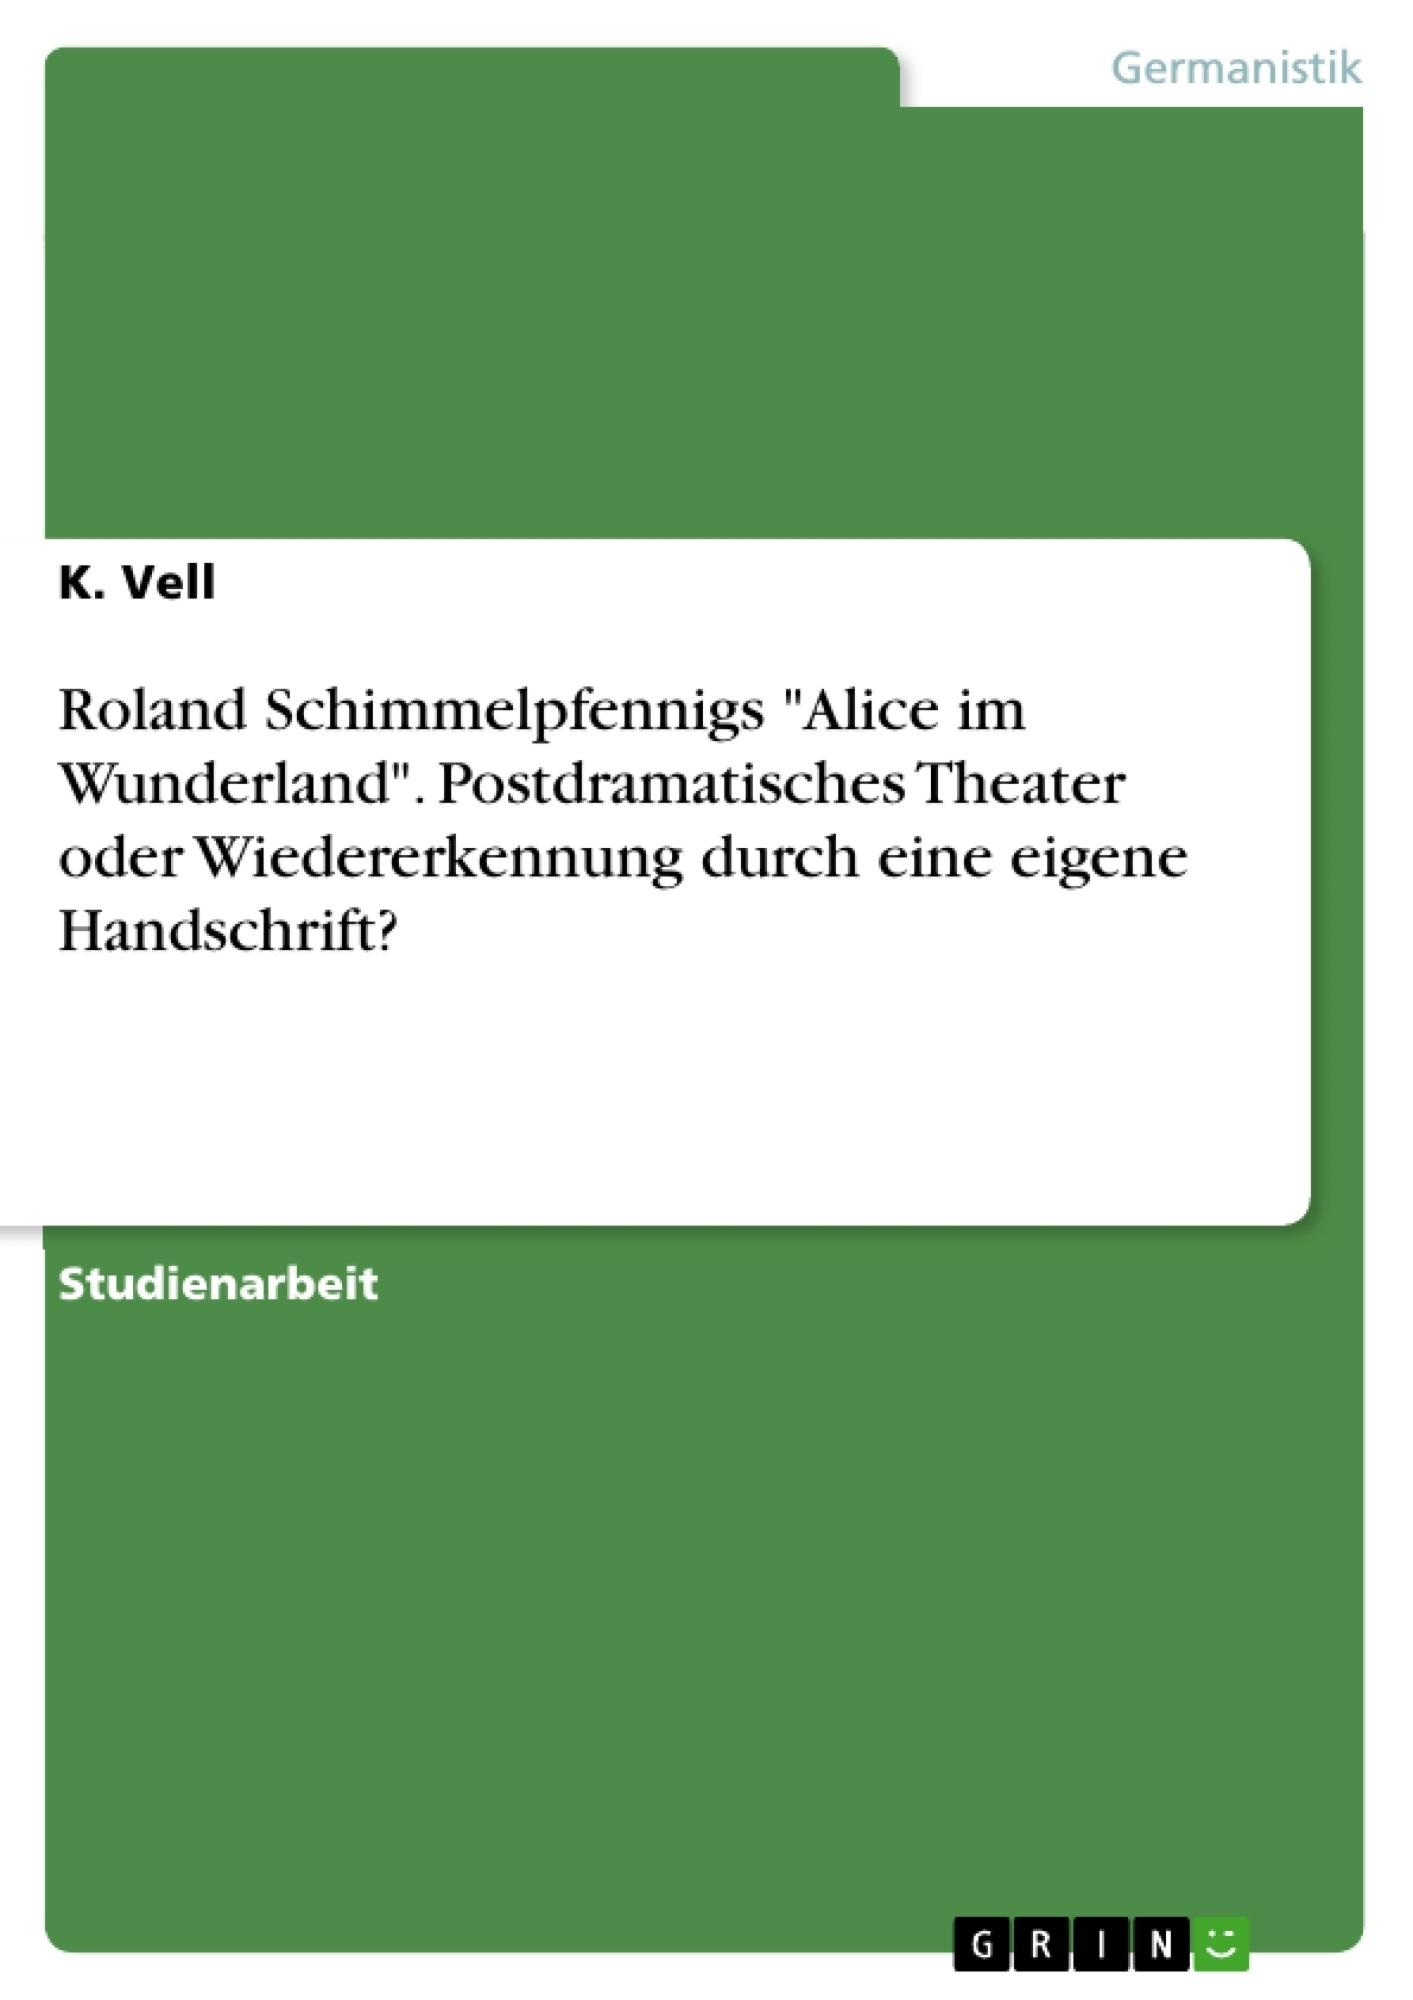 """Titel: Roland Schimmelpfennigs """"Alice im Wunderland"""". Postdramatisches Theater oder Wiedererkennung durch eine eigene Handschrift?"""